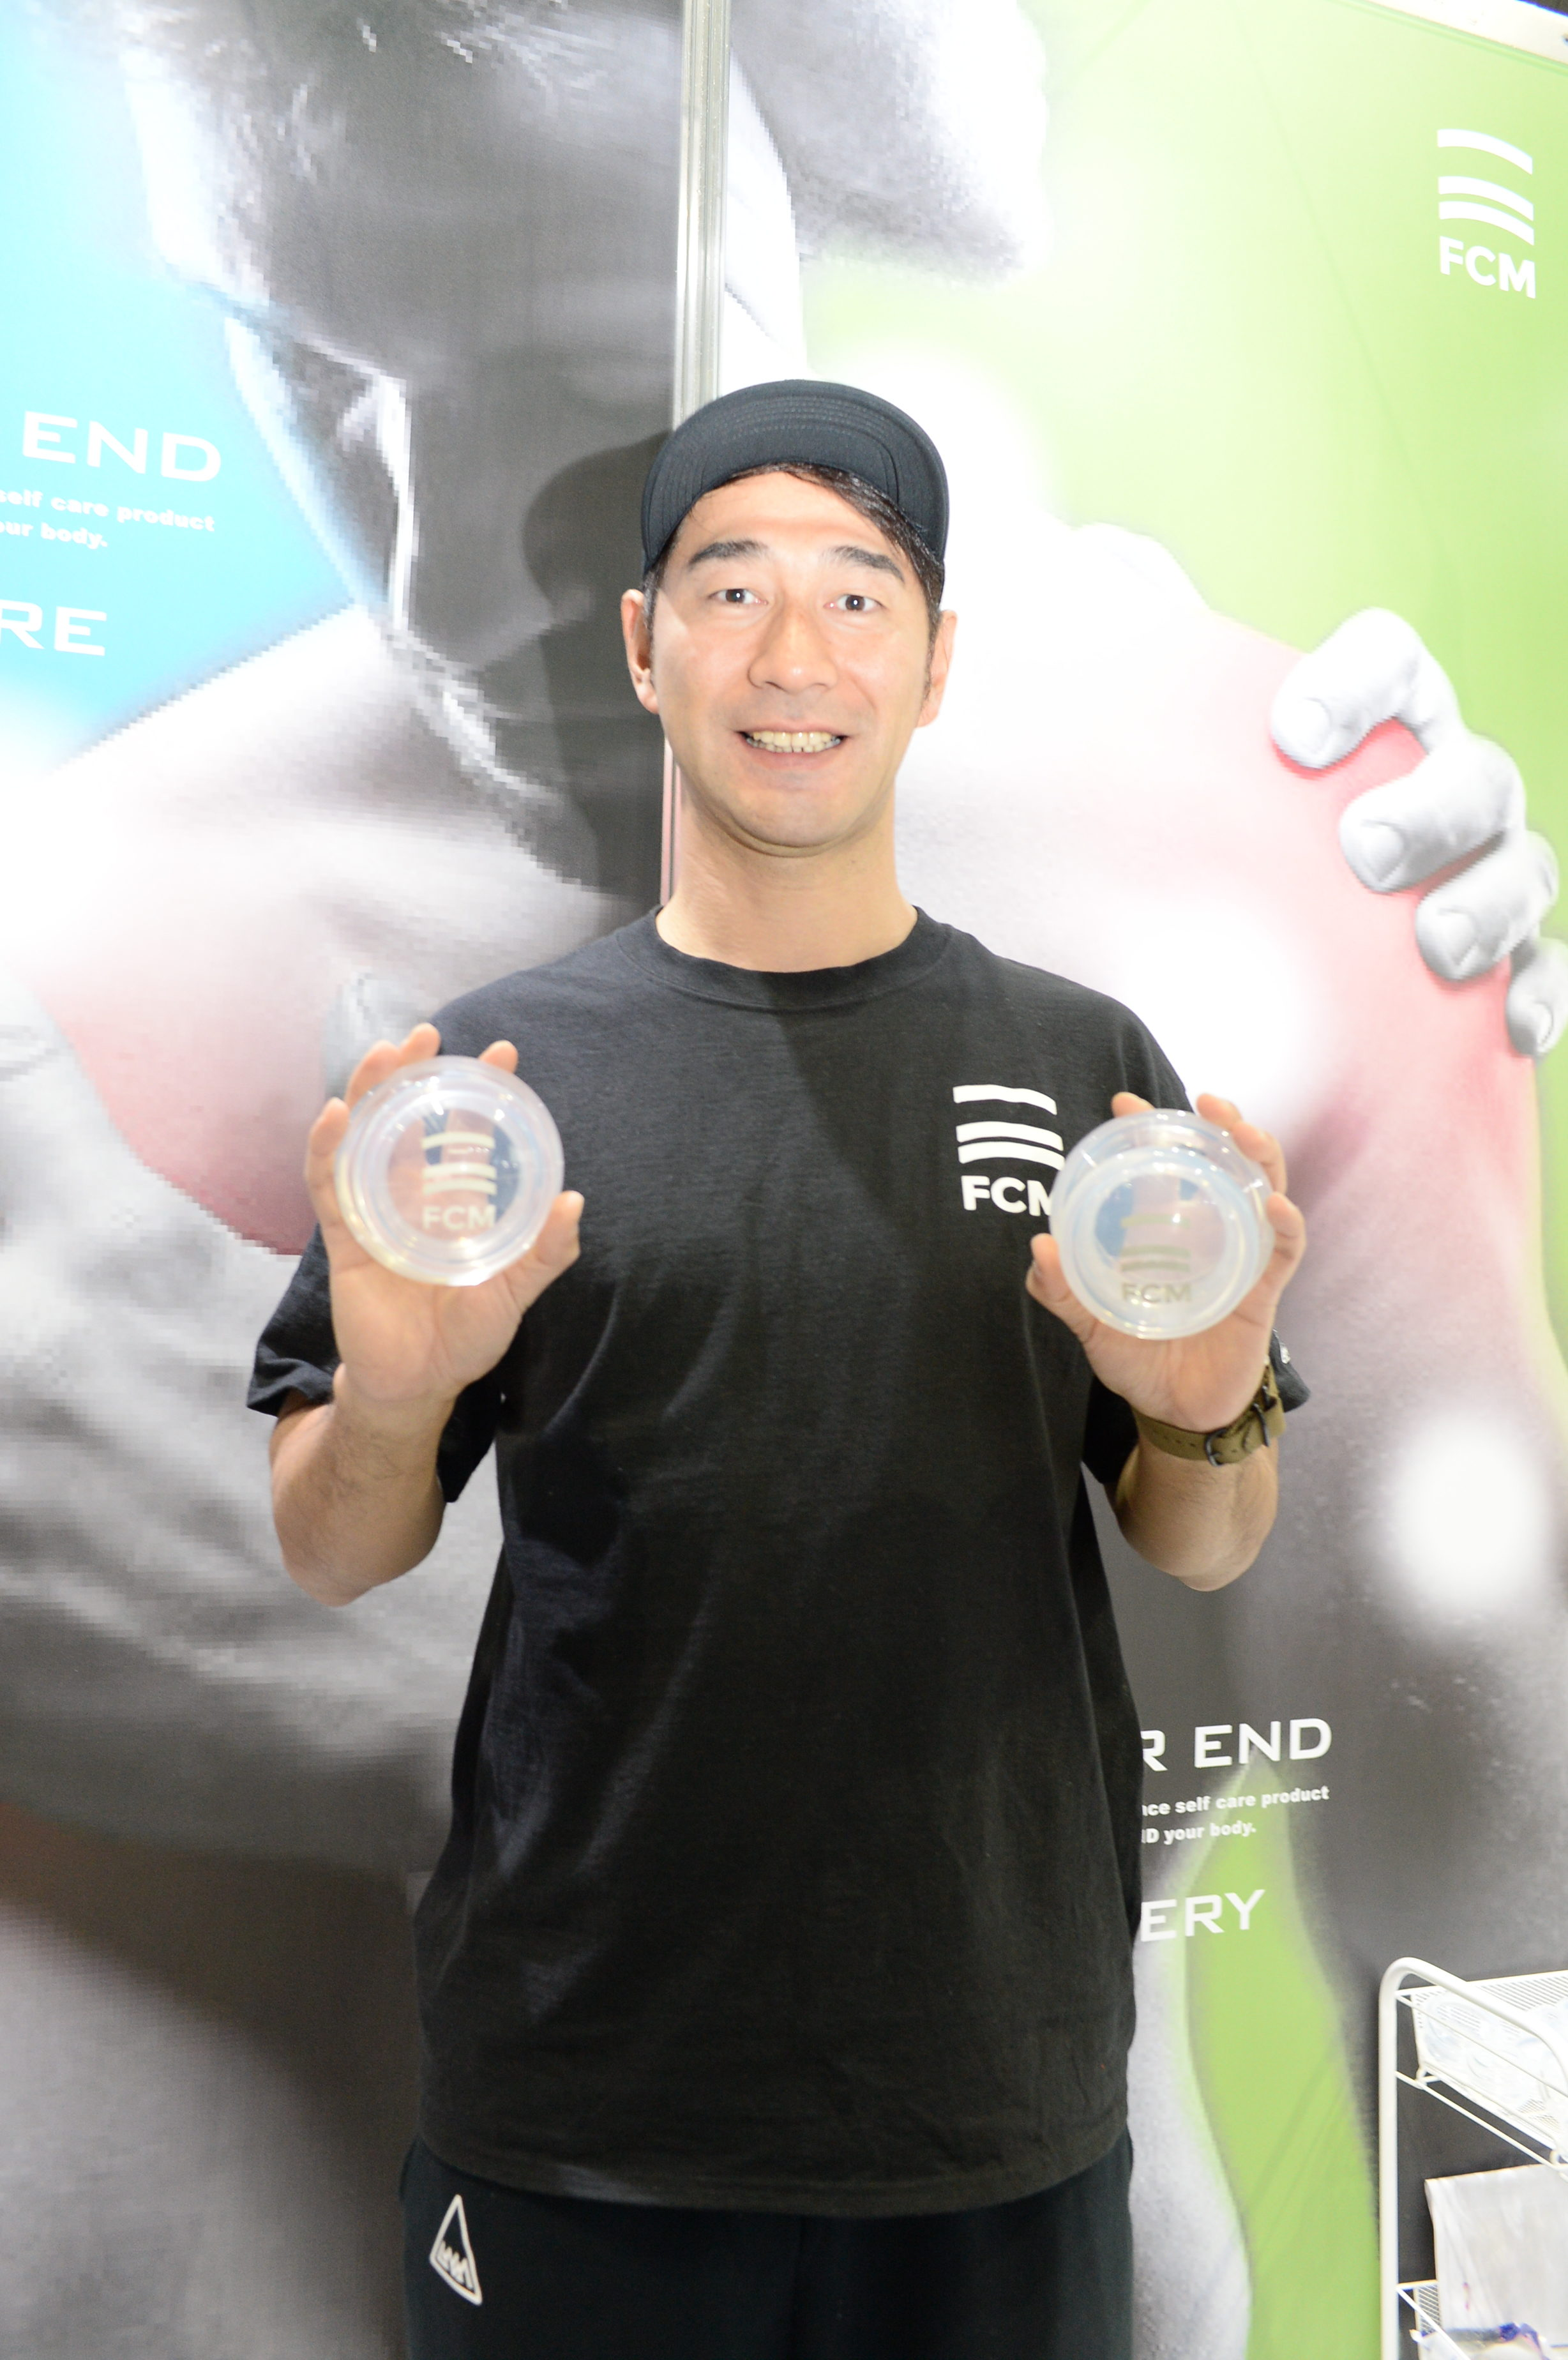 【大阪】1月26日(土)FCMベーシックセミナー下肢編 |講師写真グローバルアスリートサポート協会 [GASA]